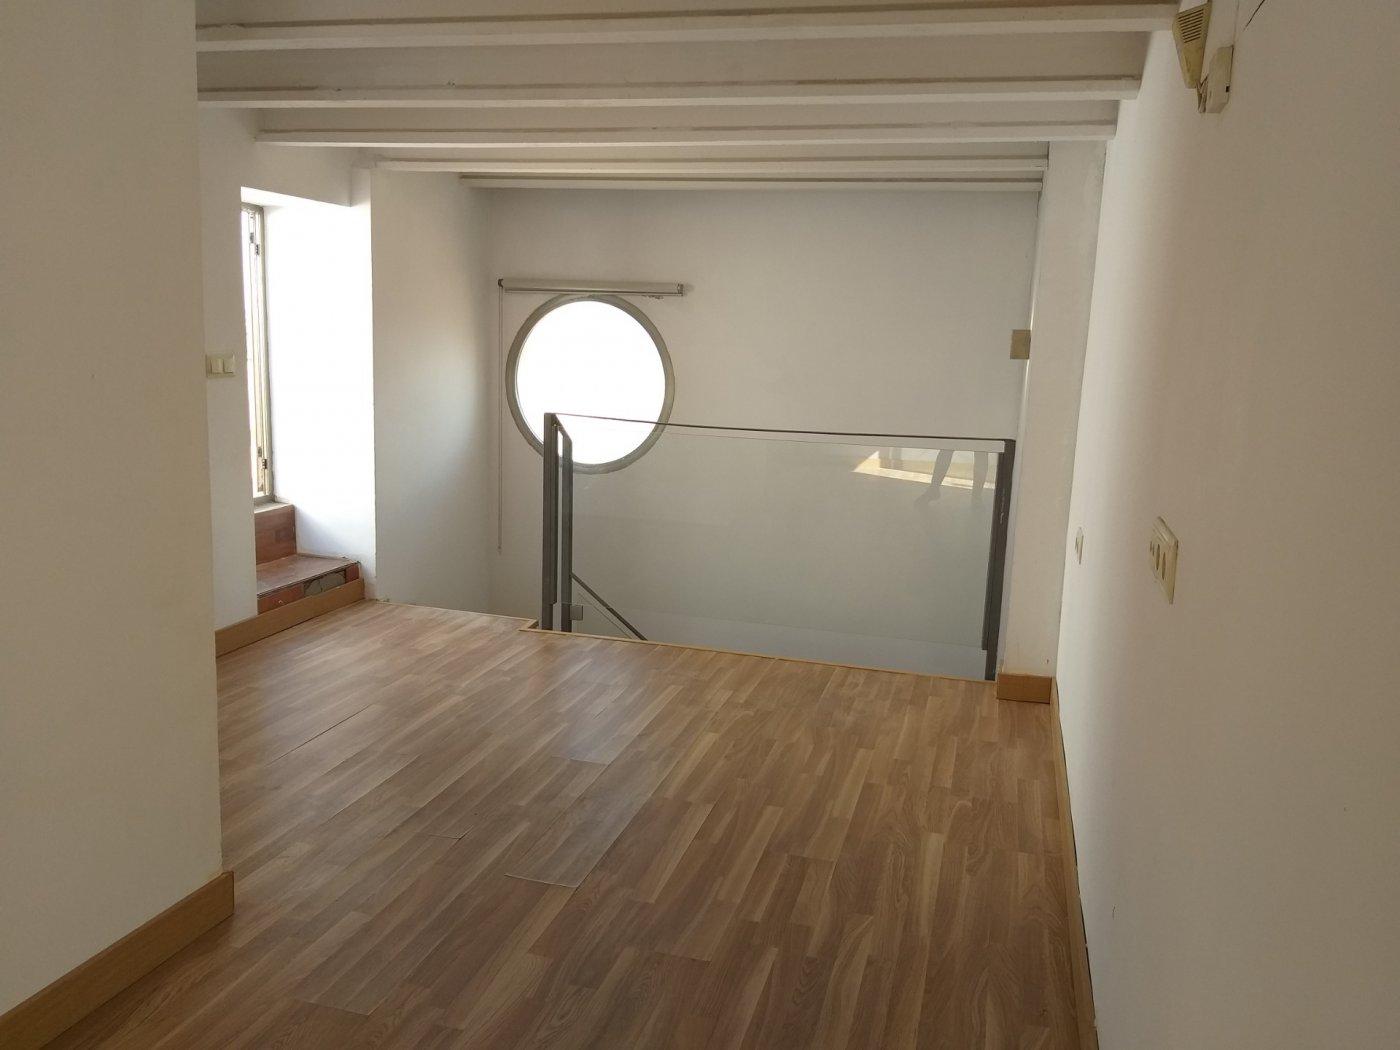 Una casa moderna en palma de gandia - imagenInmueble22